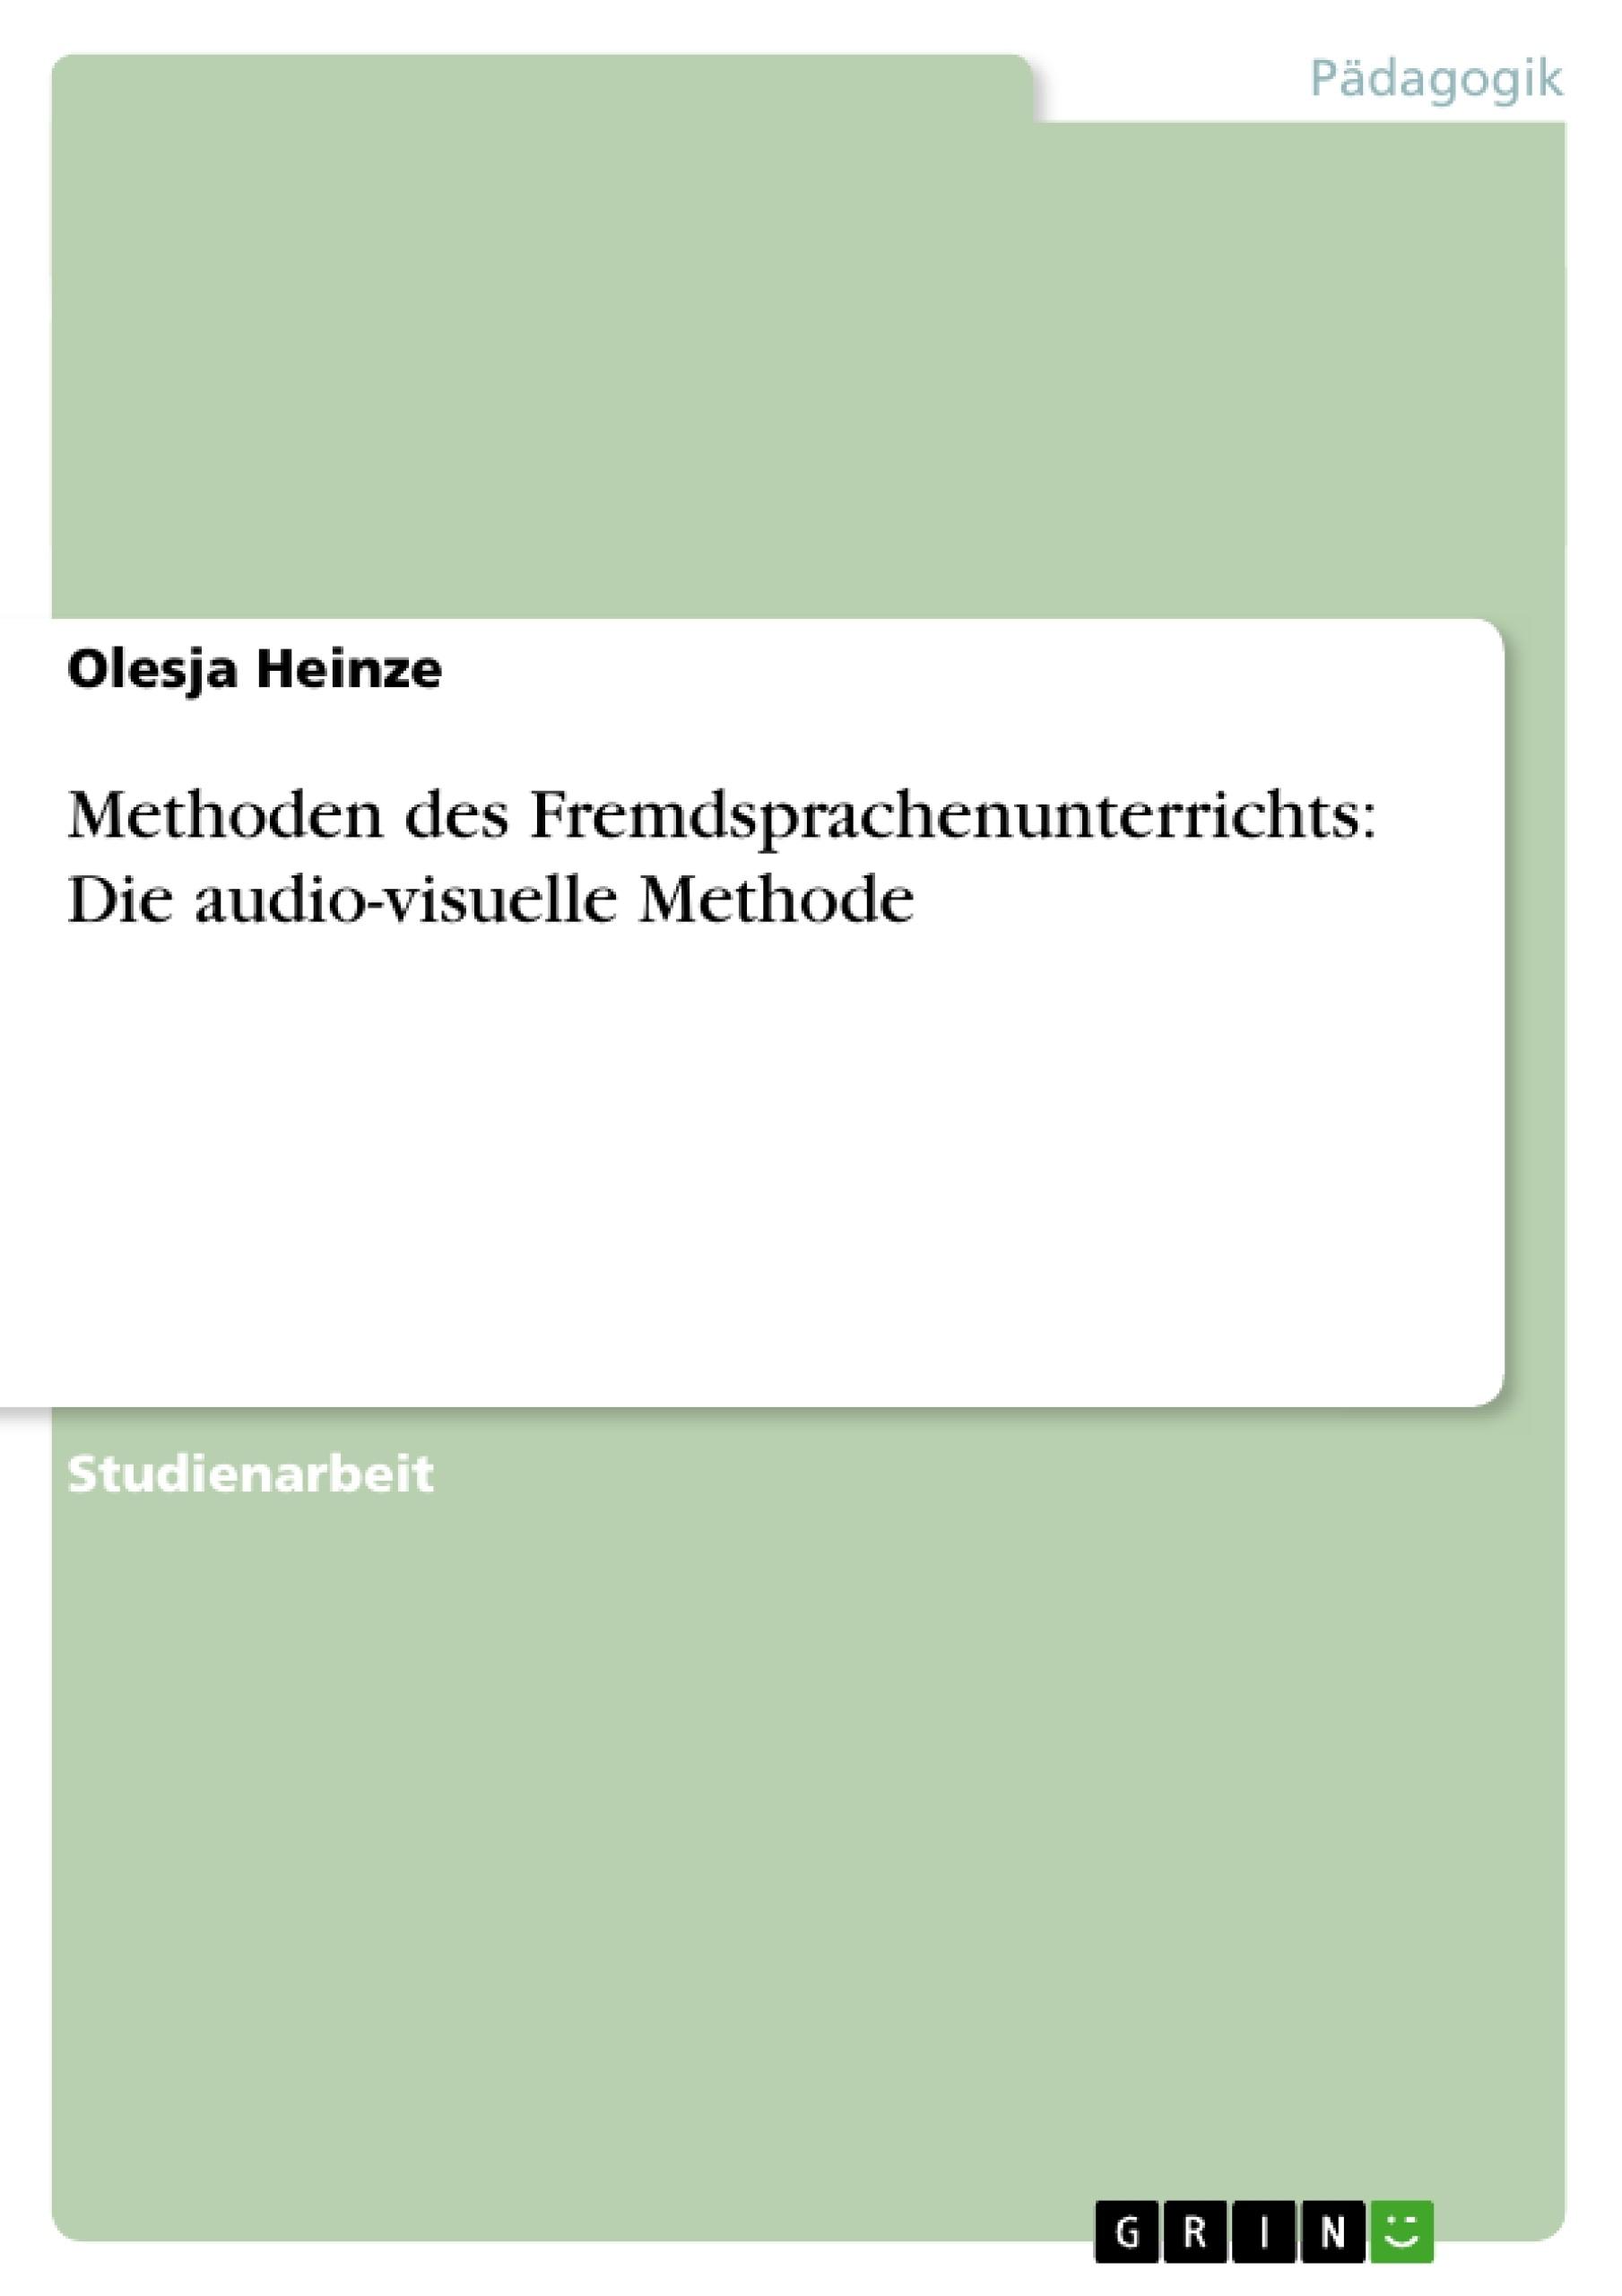 Titel: Methoden des Fremdsprachenunterrichts: Die audio-visuelle Methode